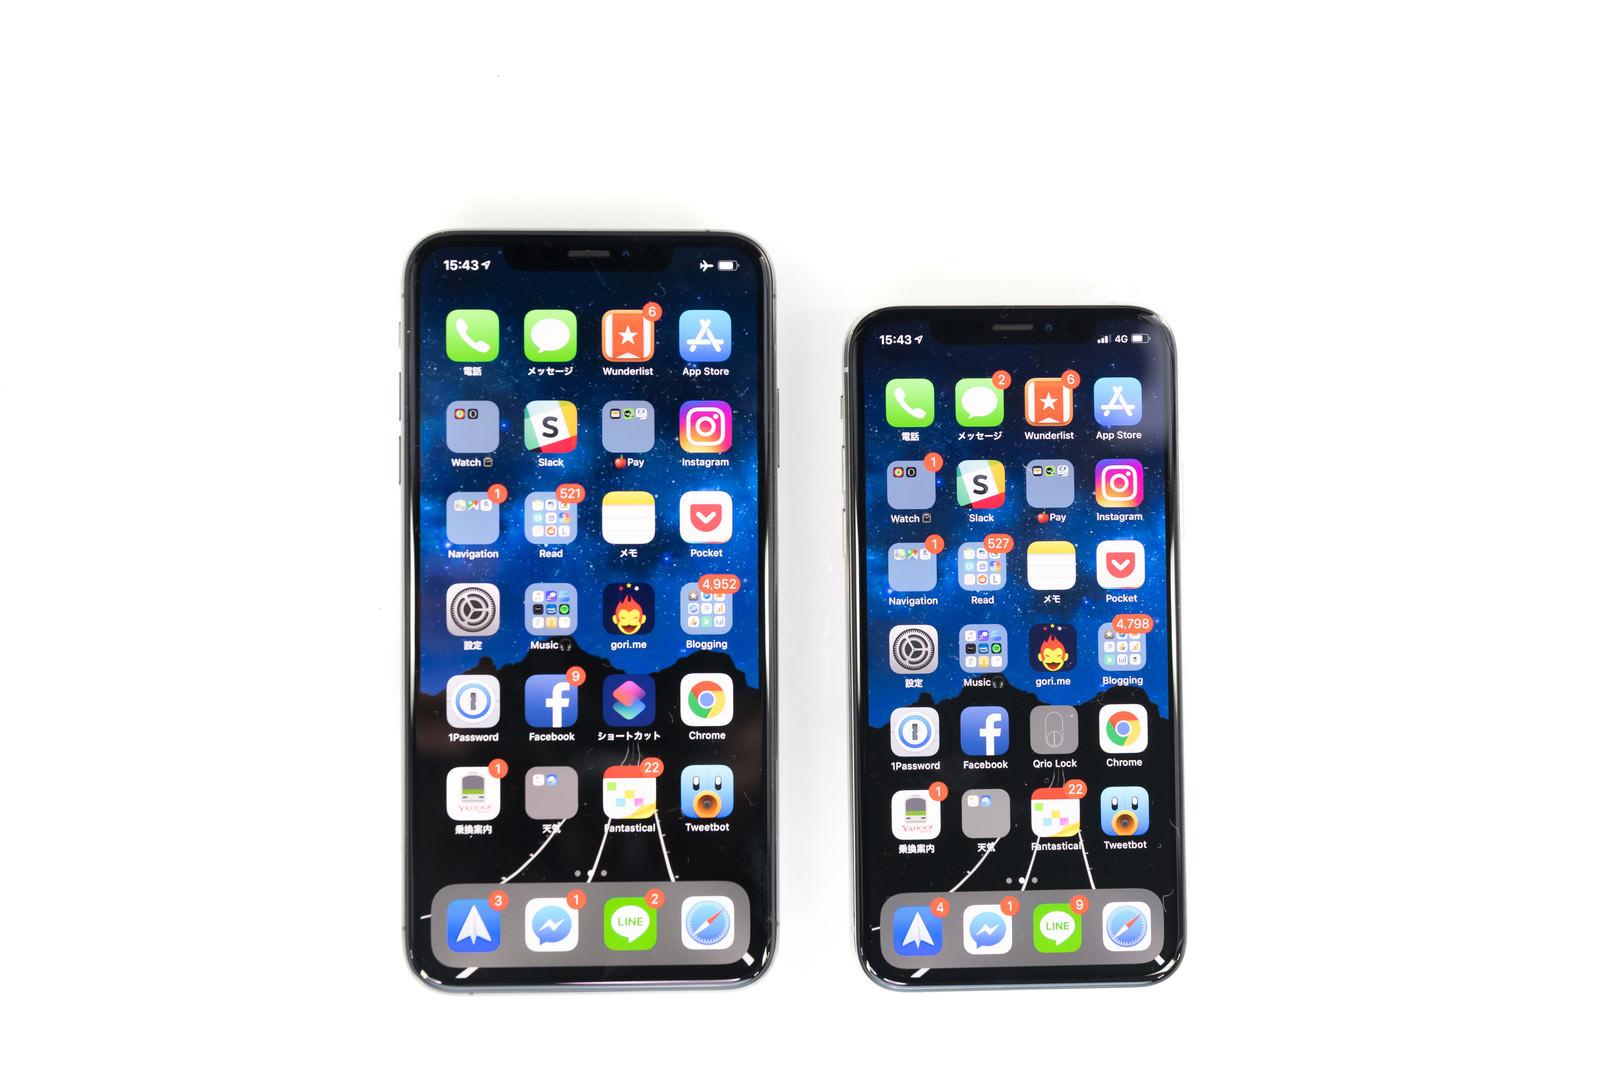 新機種発表!iPhone祭り!大手キャリアとMVNOもザワザワ?